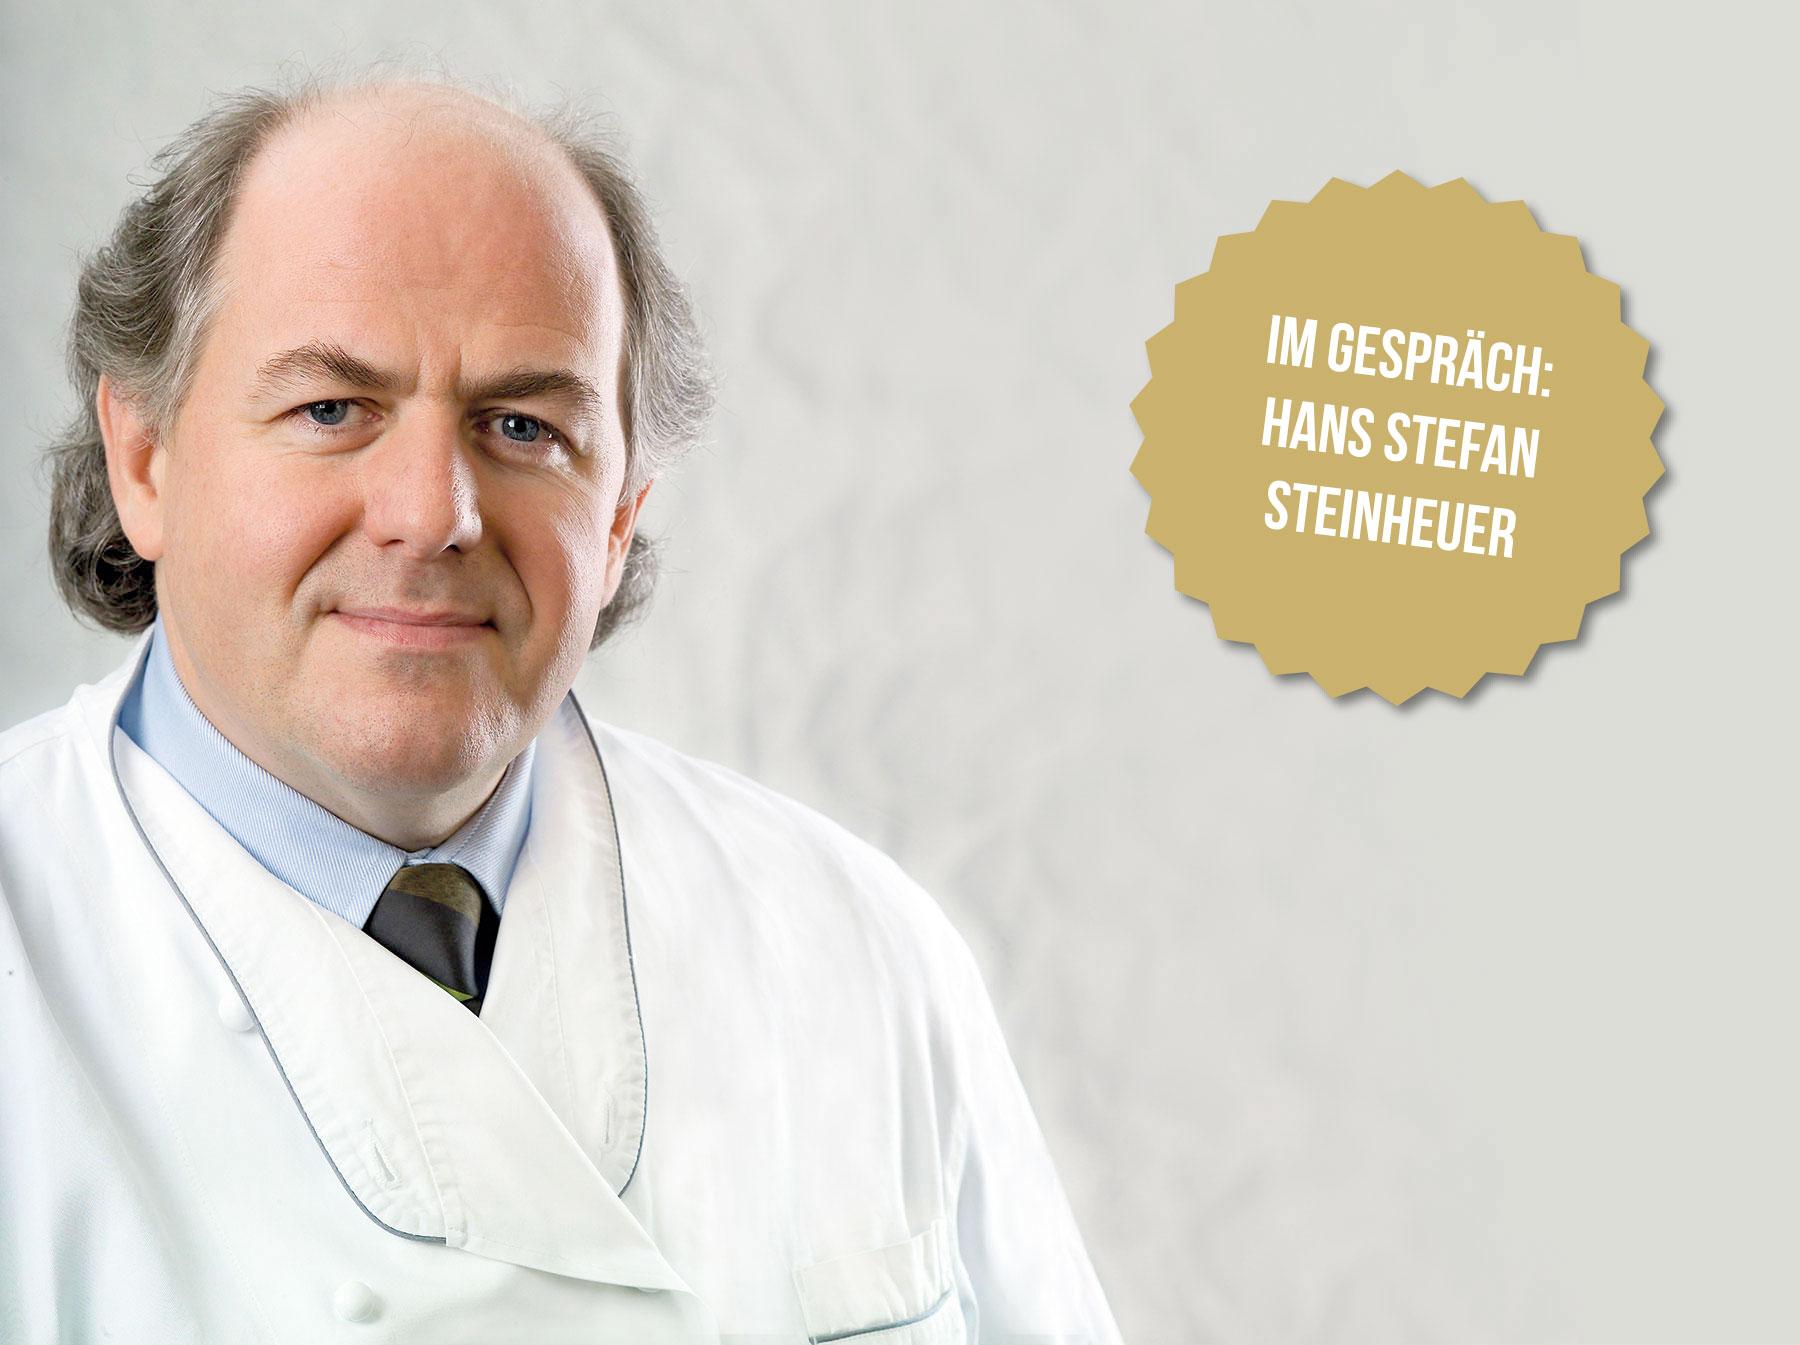 Hans Stefan Steinheuer